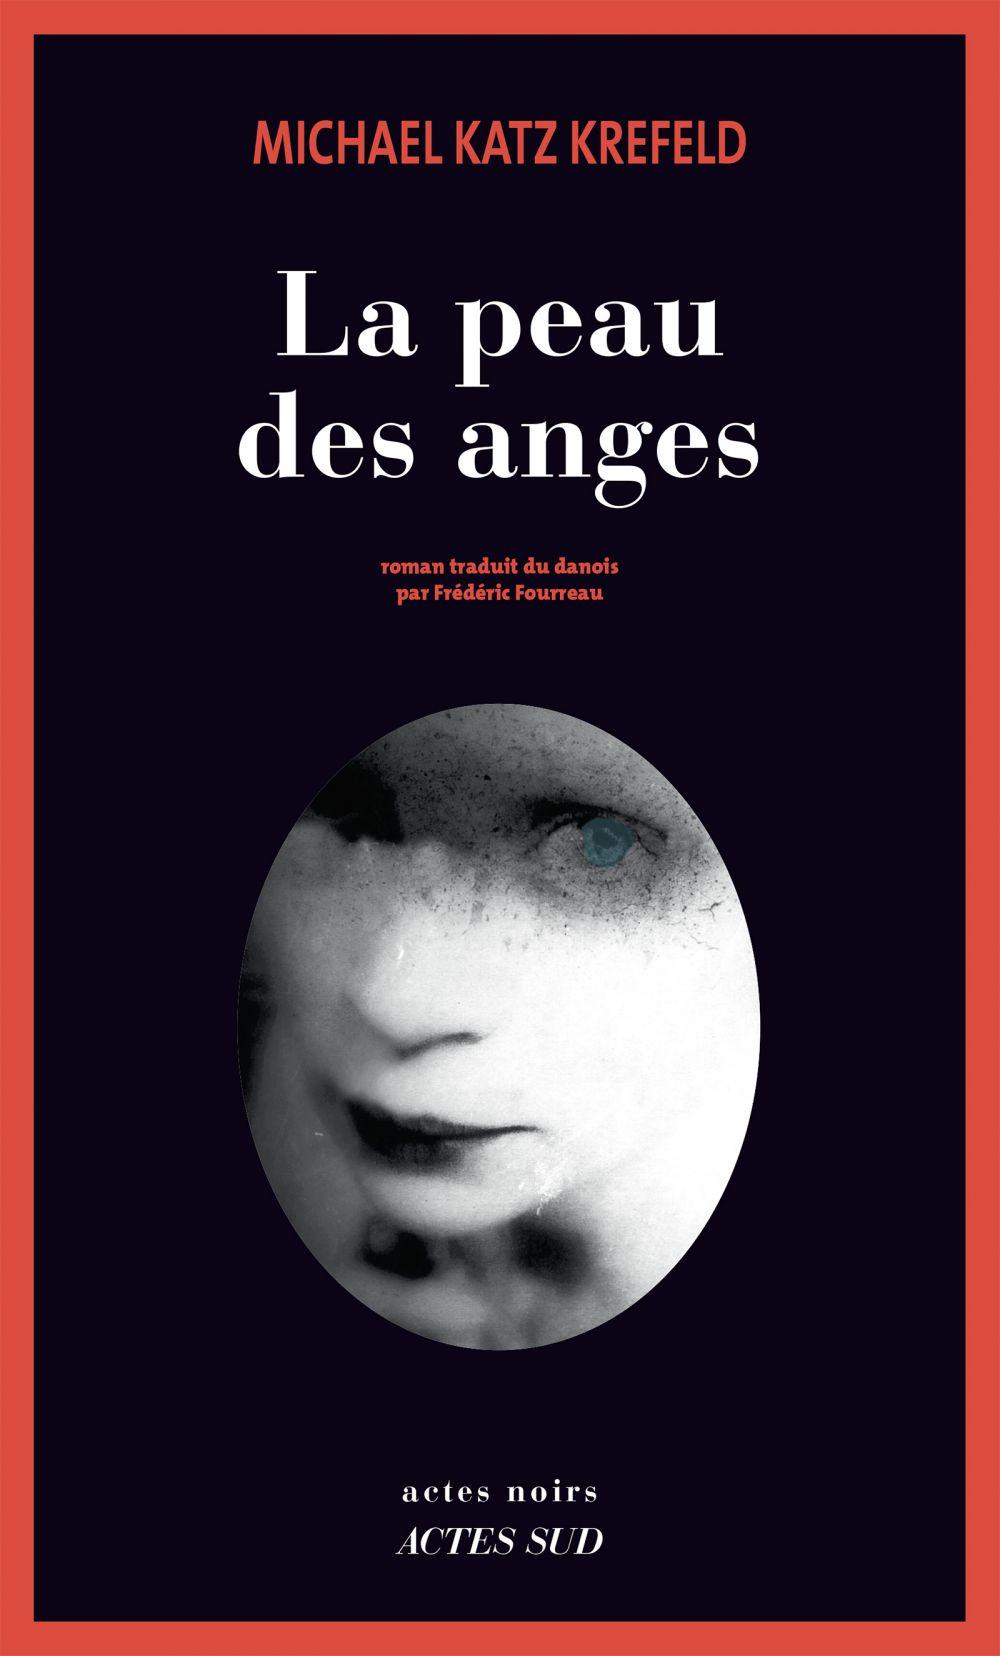 La peau des anges | Katz Krefeld, Michael. Auteur